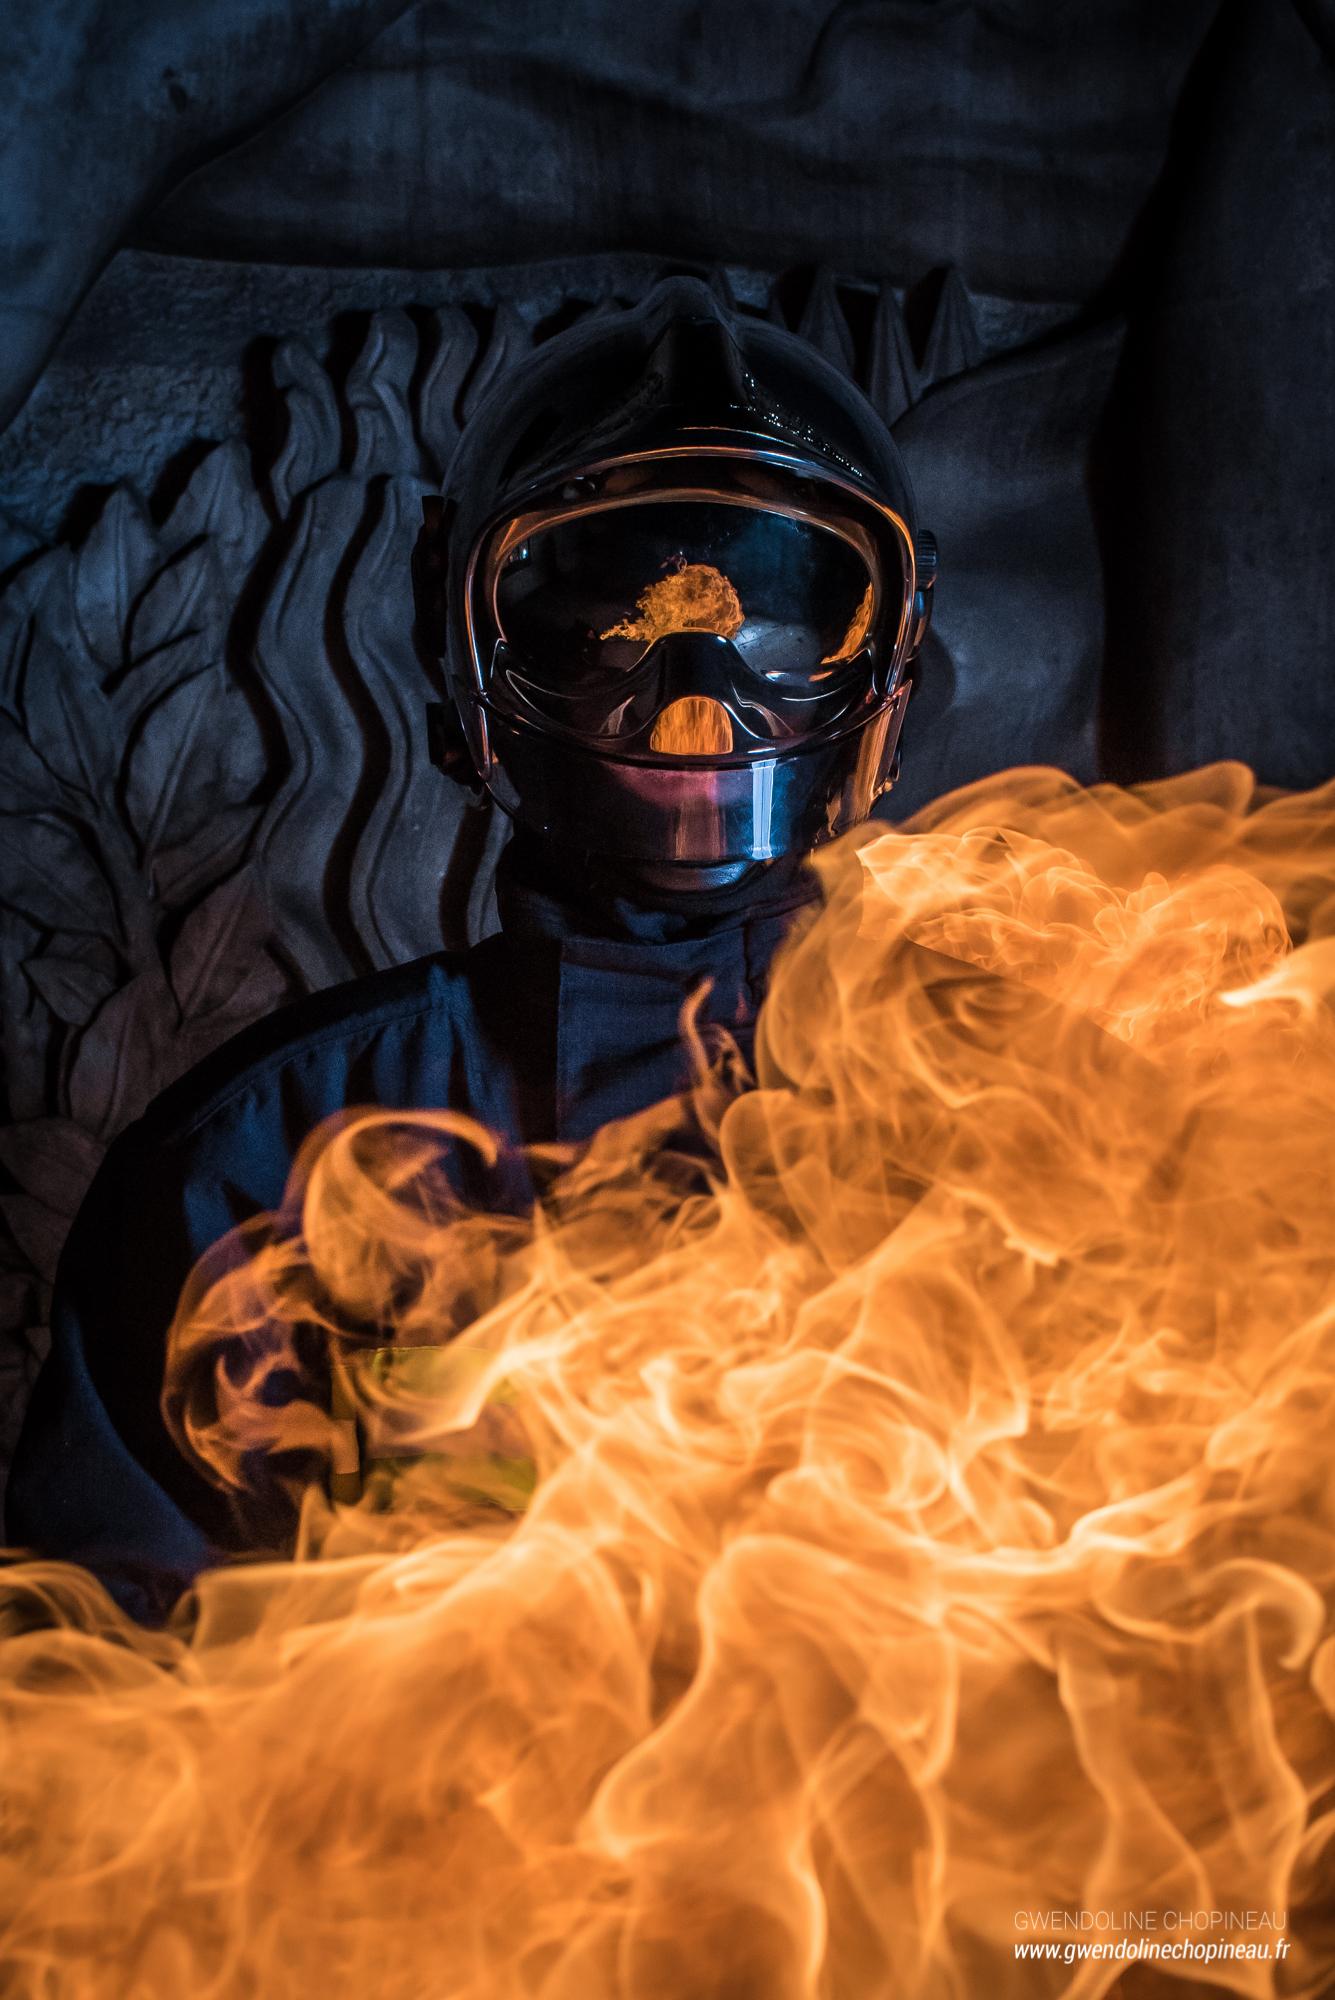 Reflet de flammes casque de pompier